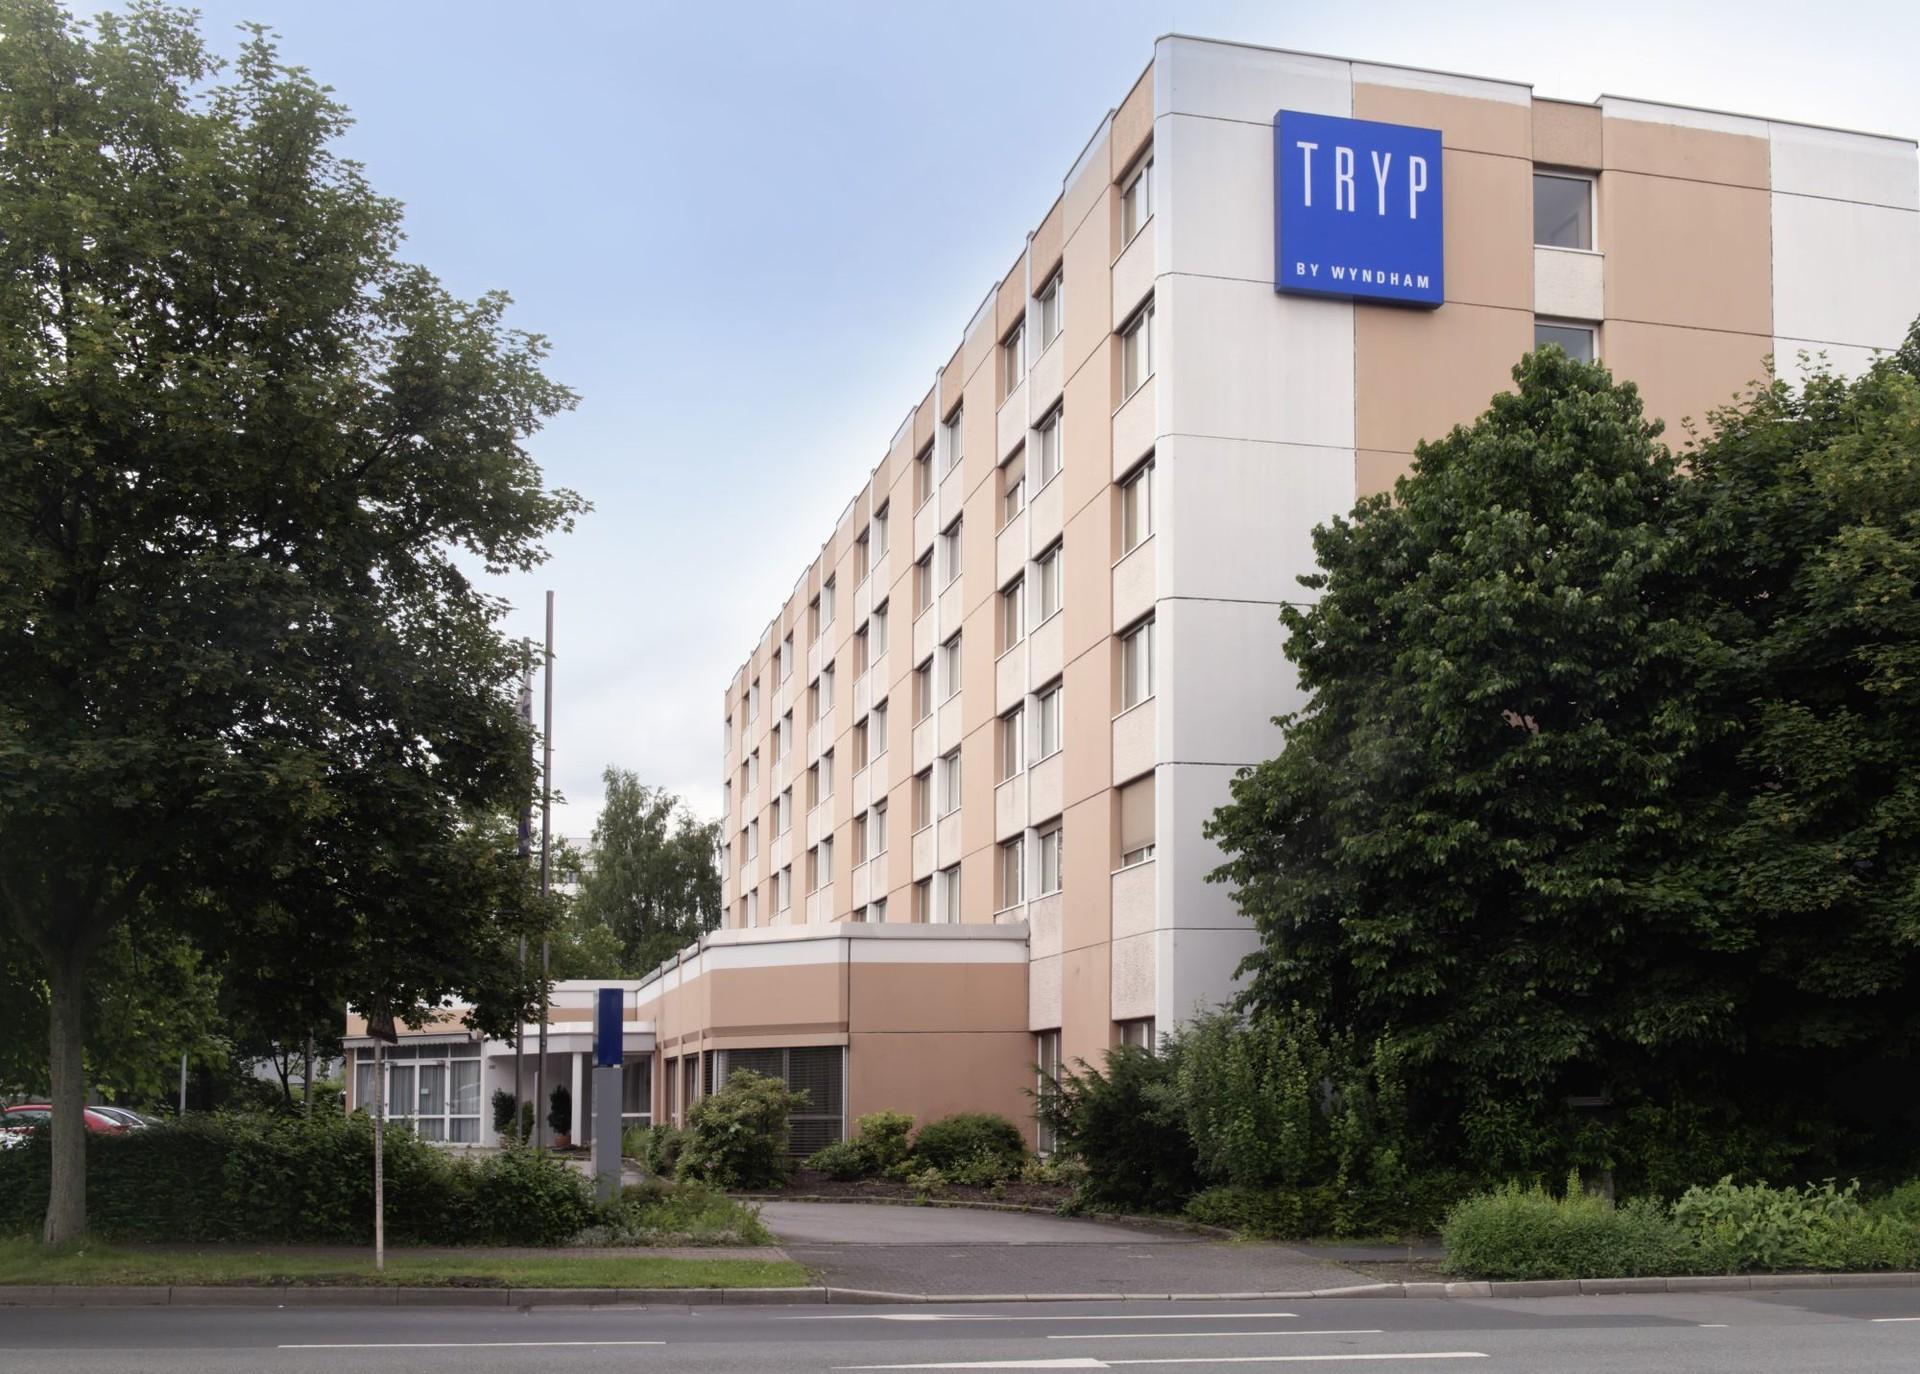 Tryp by wyndham hotel wuppertal 3 star hotel wuppertal for Hotel wuppertal elberfeld